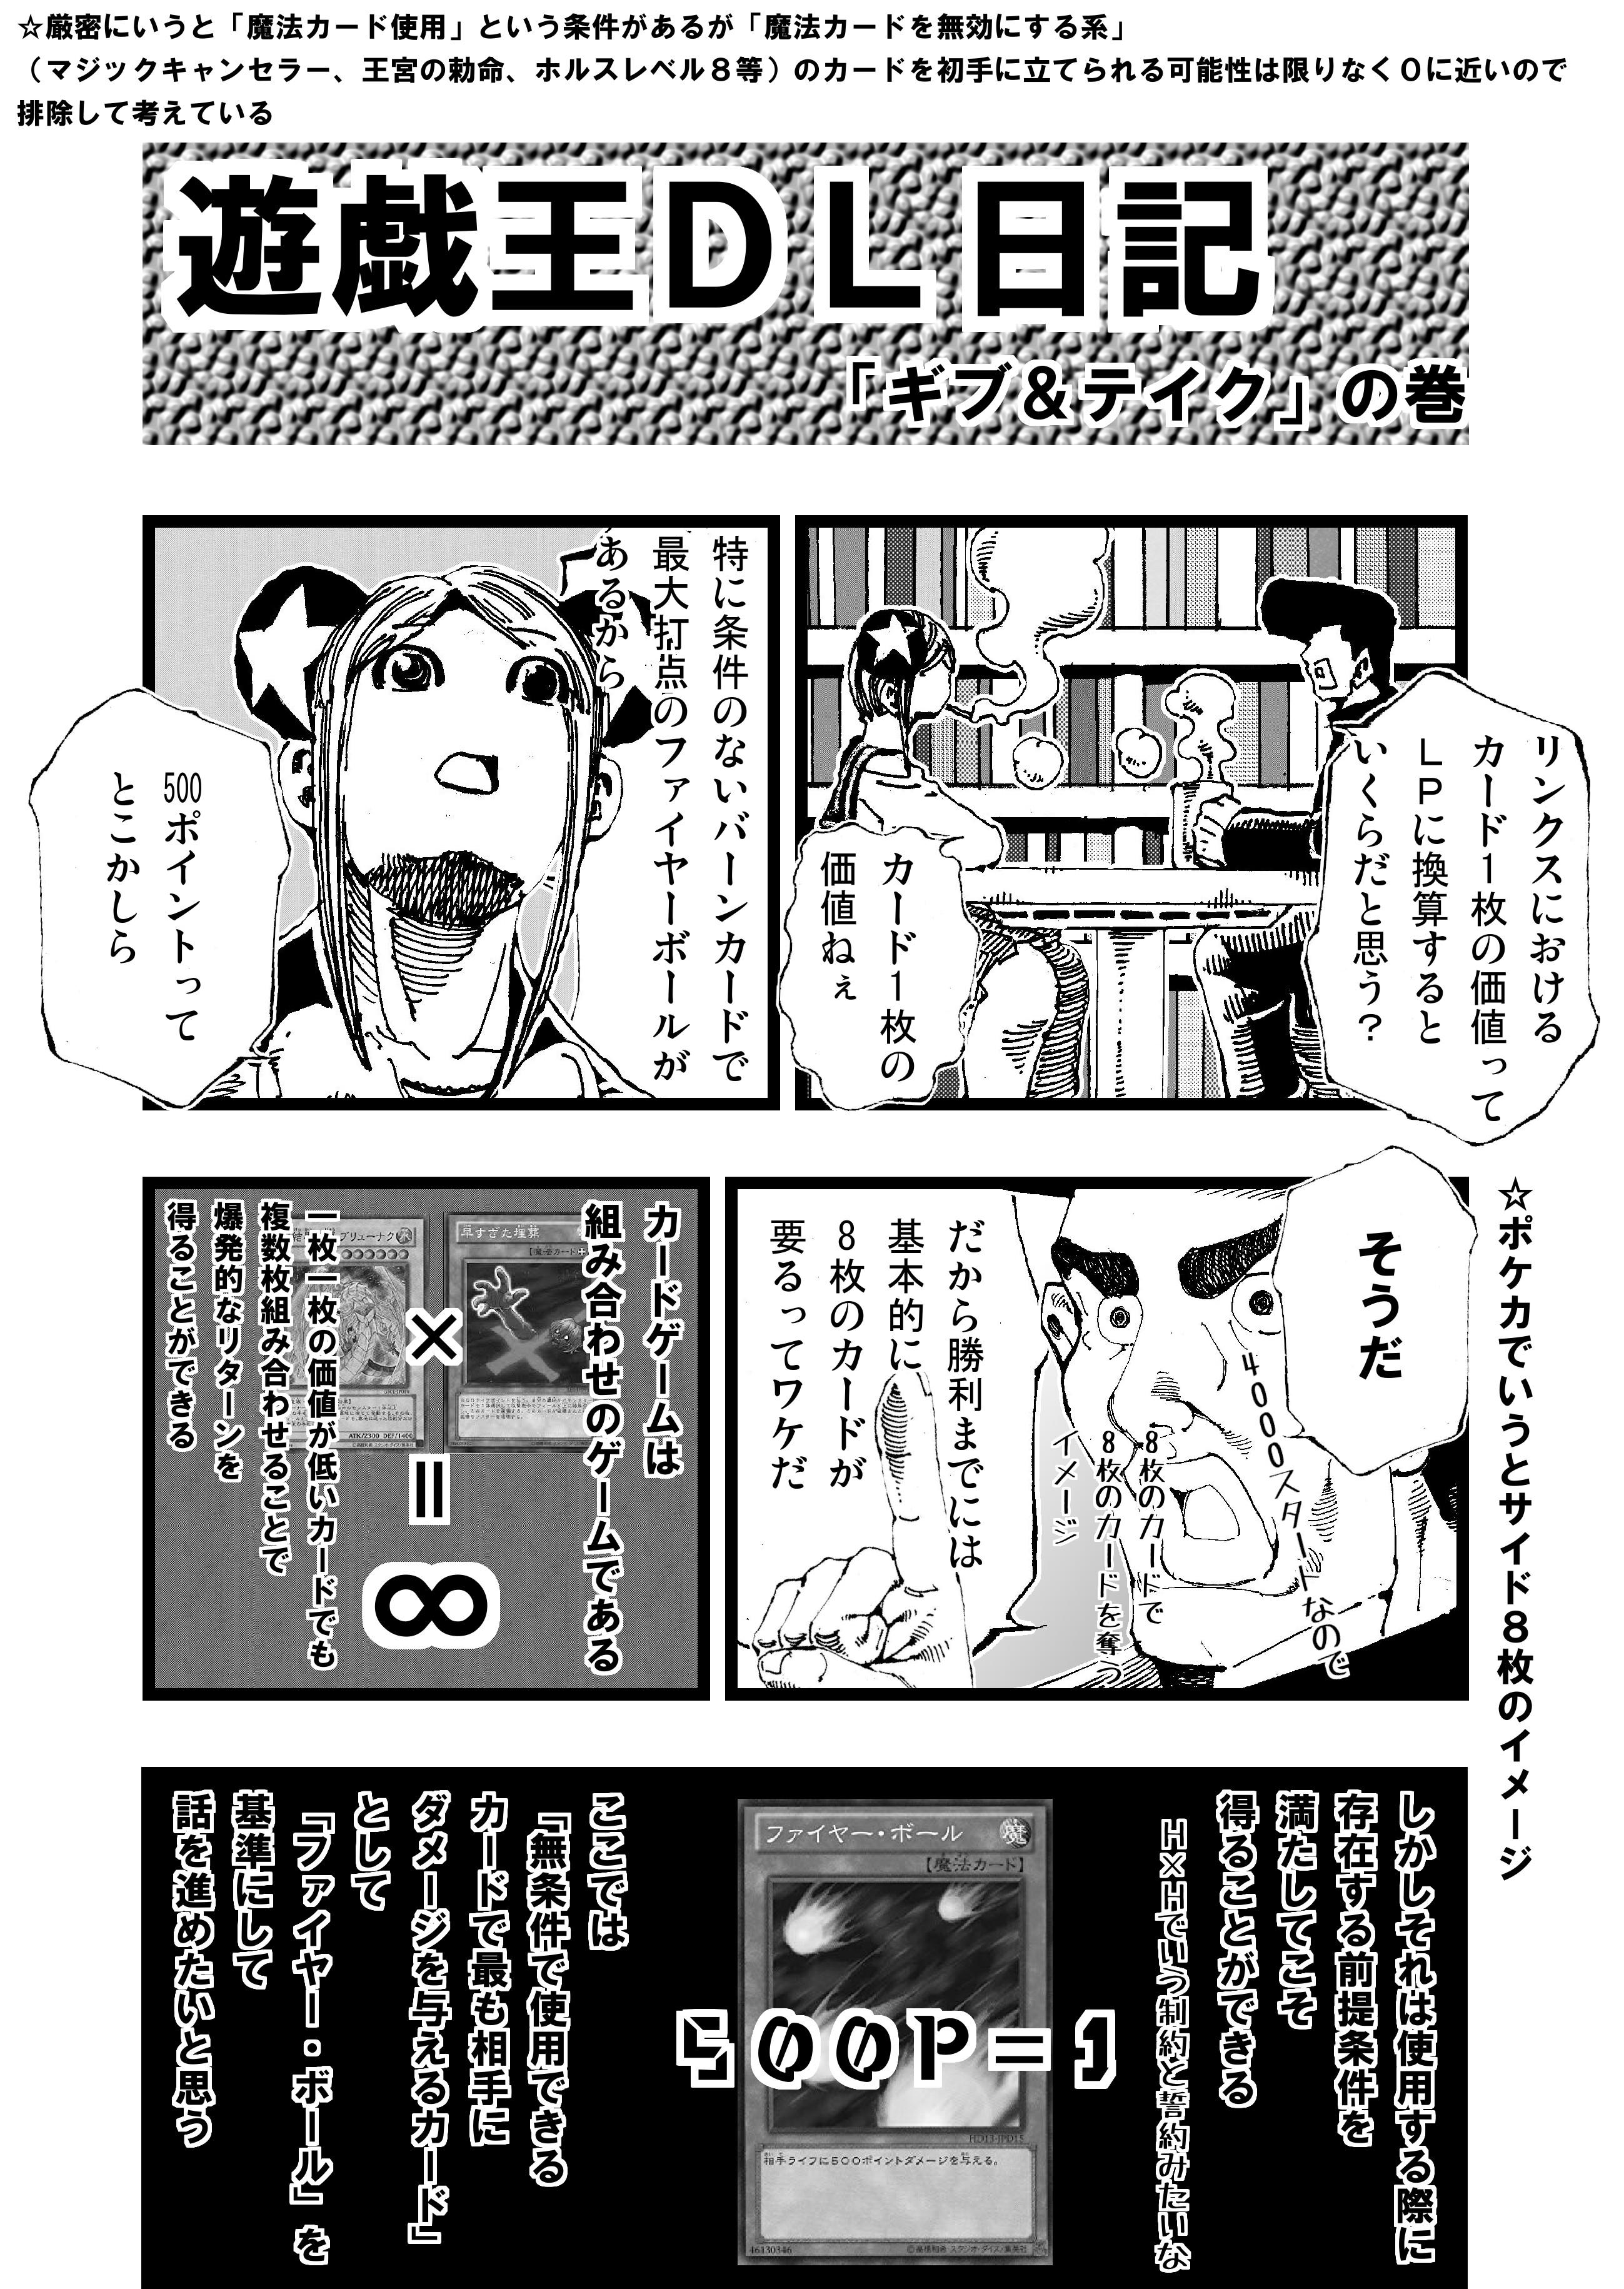 遊戯王デュエルリンクス日記39 ギブ&テイク